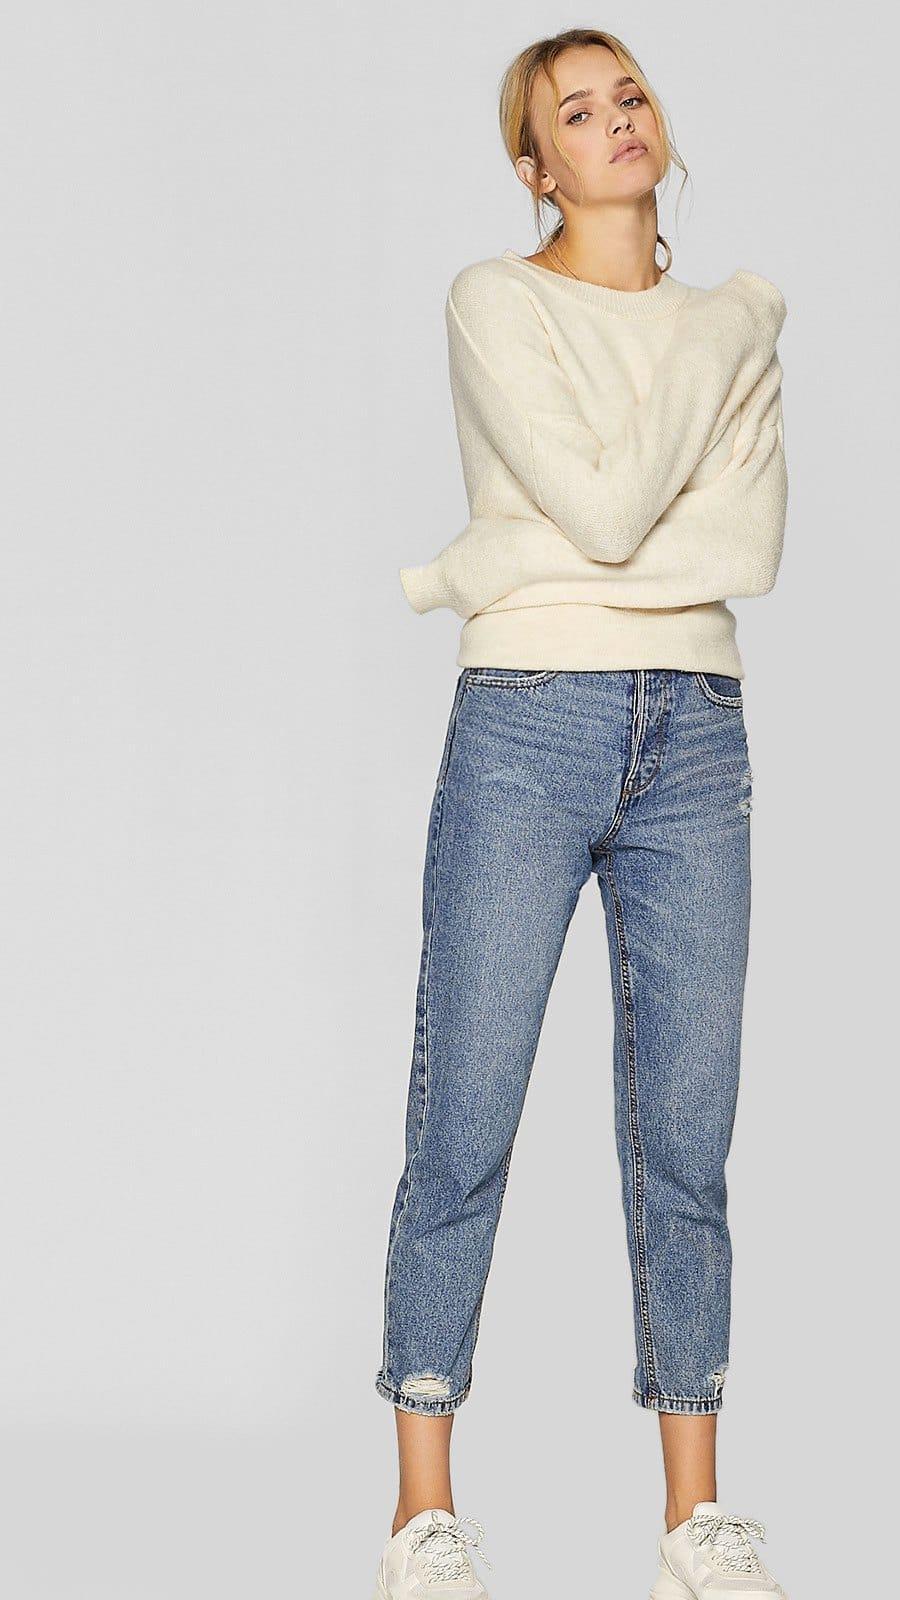 9e32676ddf Los pantalones vaqueros de mujer que mejor sientan - InStyle